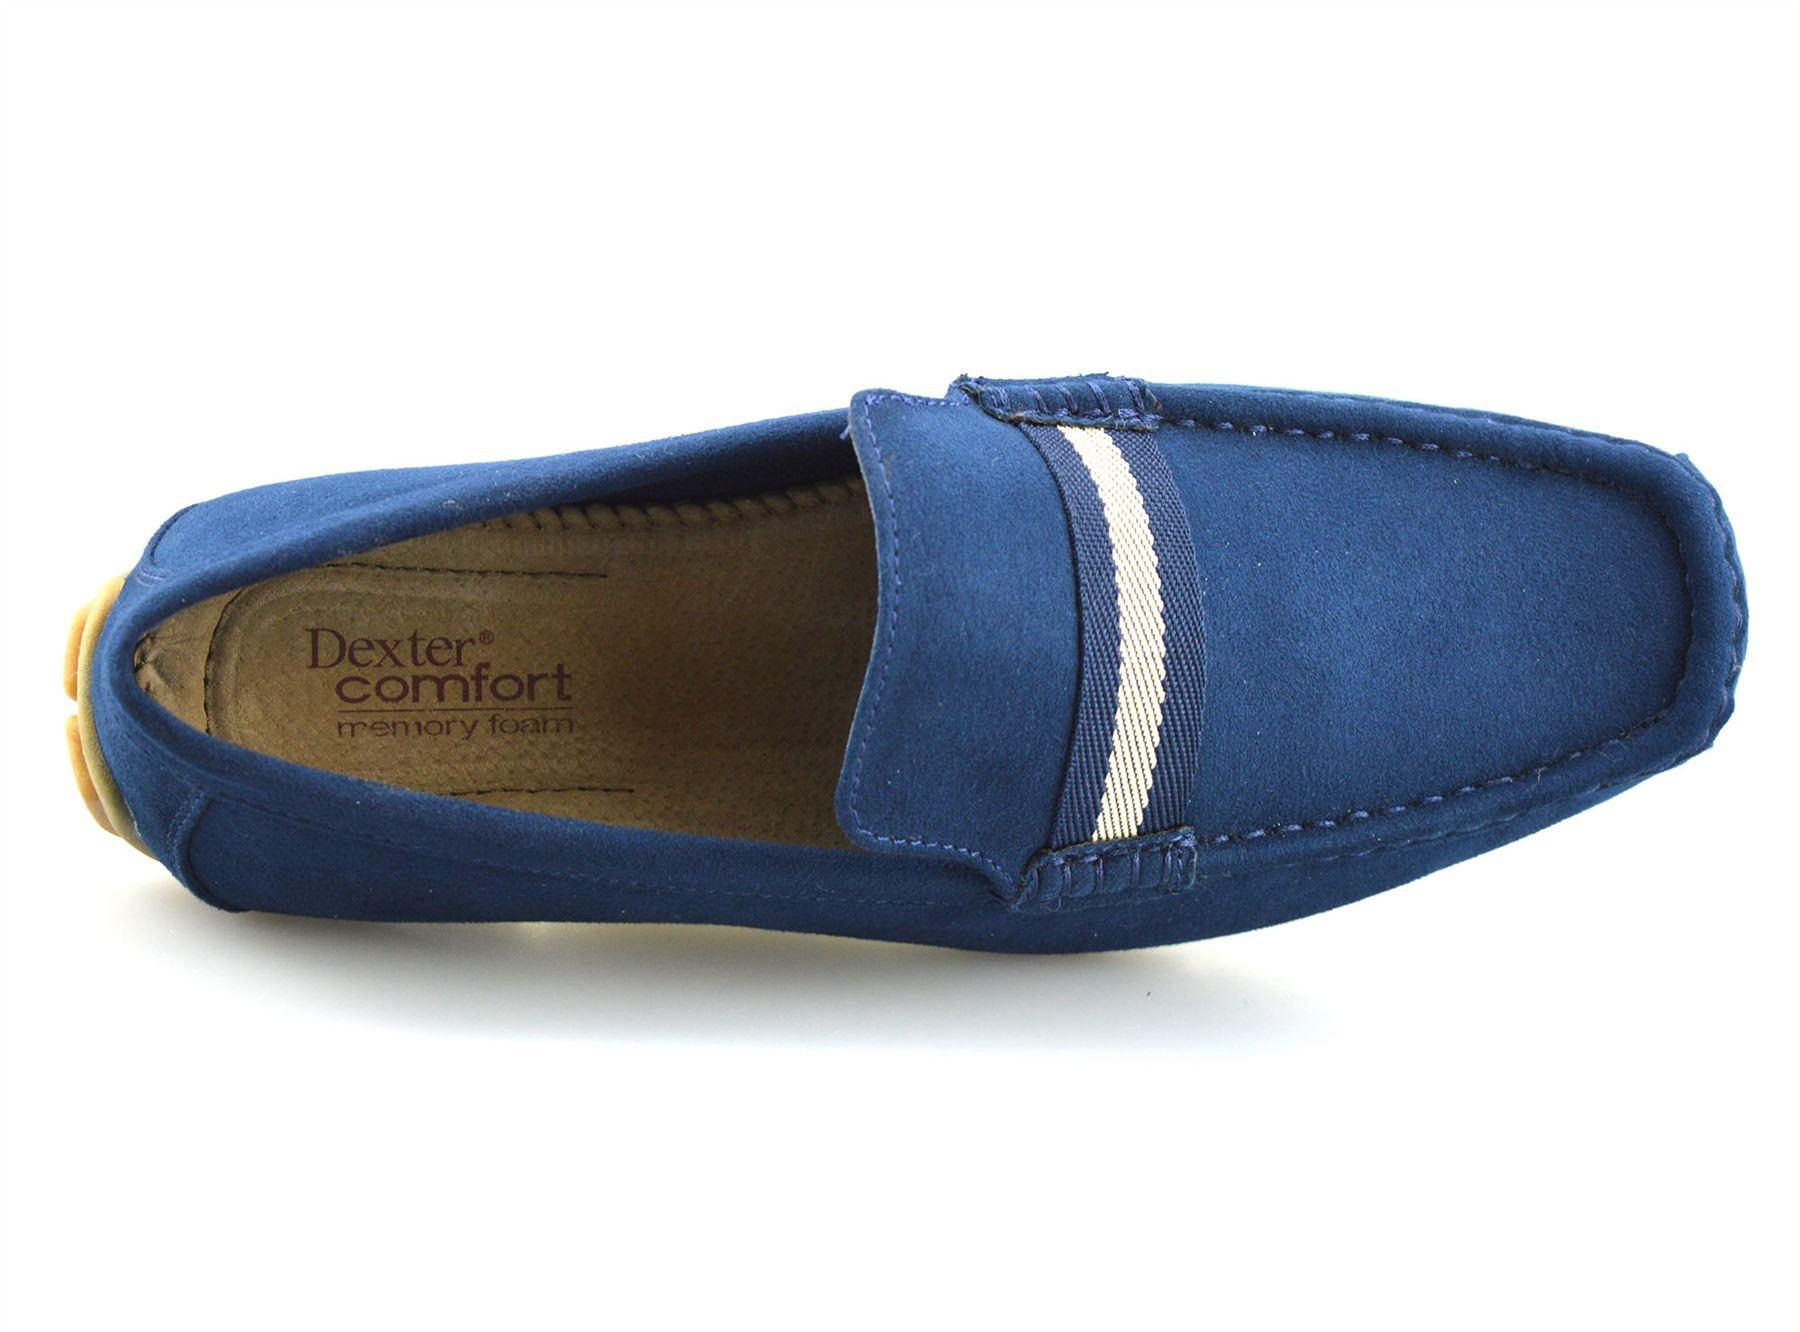 Dexter Comfort Leather Shoes